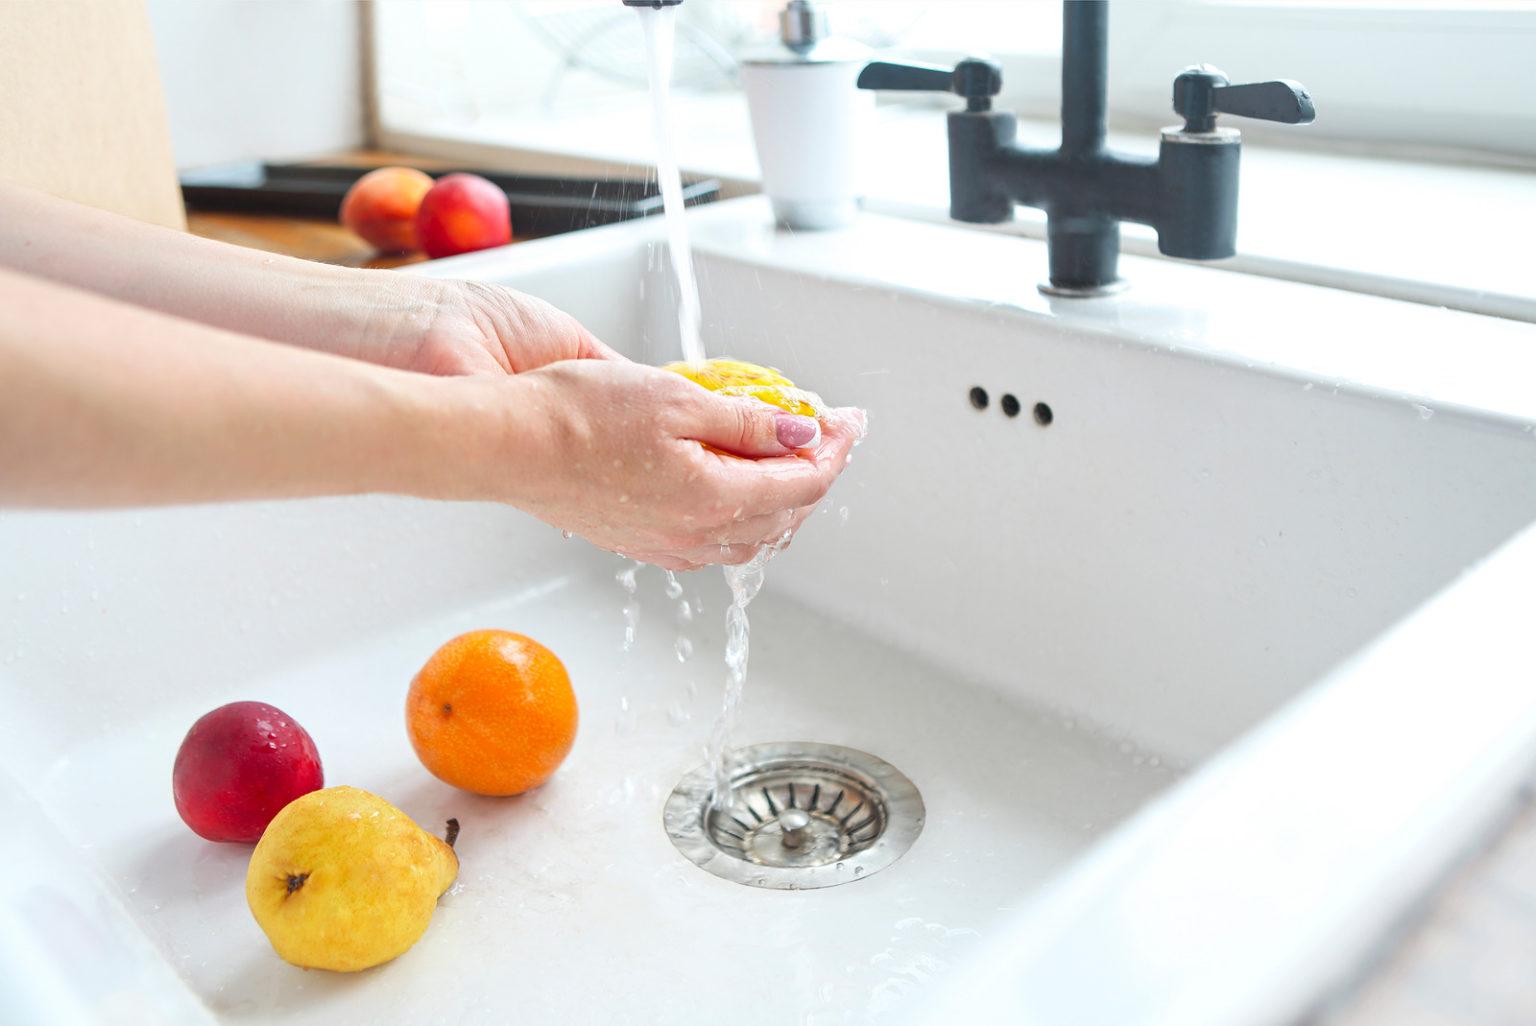 нужно ли мыть бананы перед употреблением